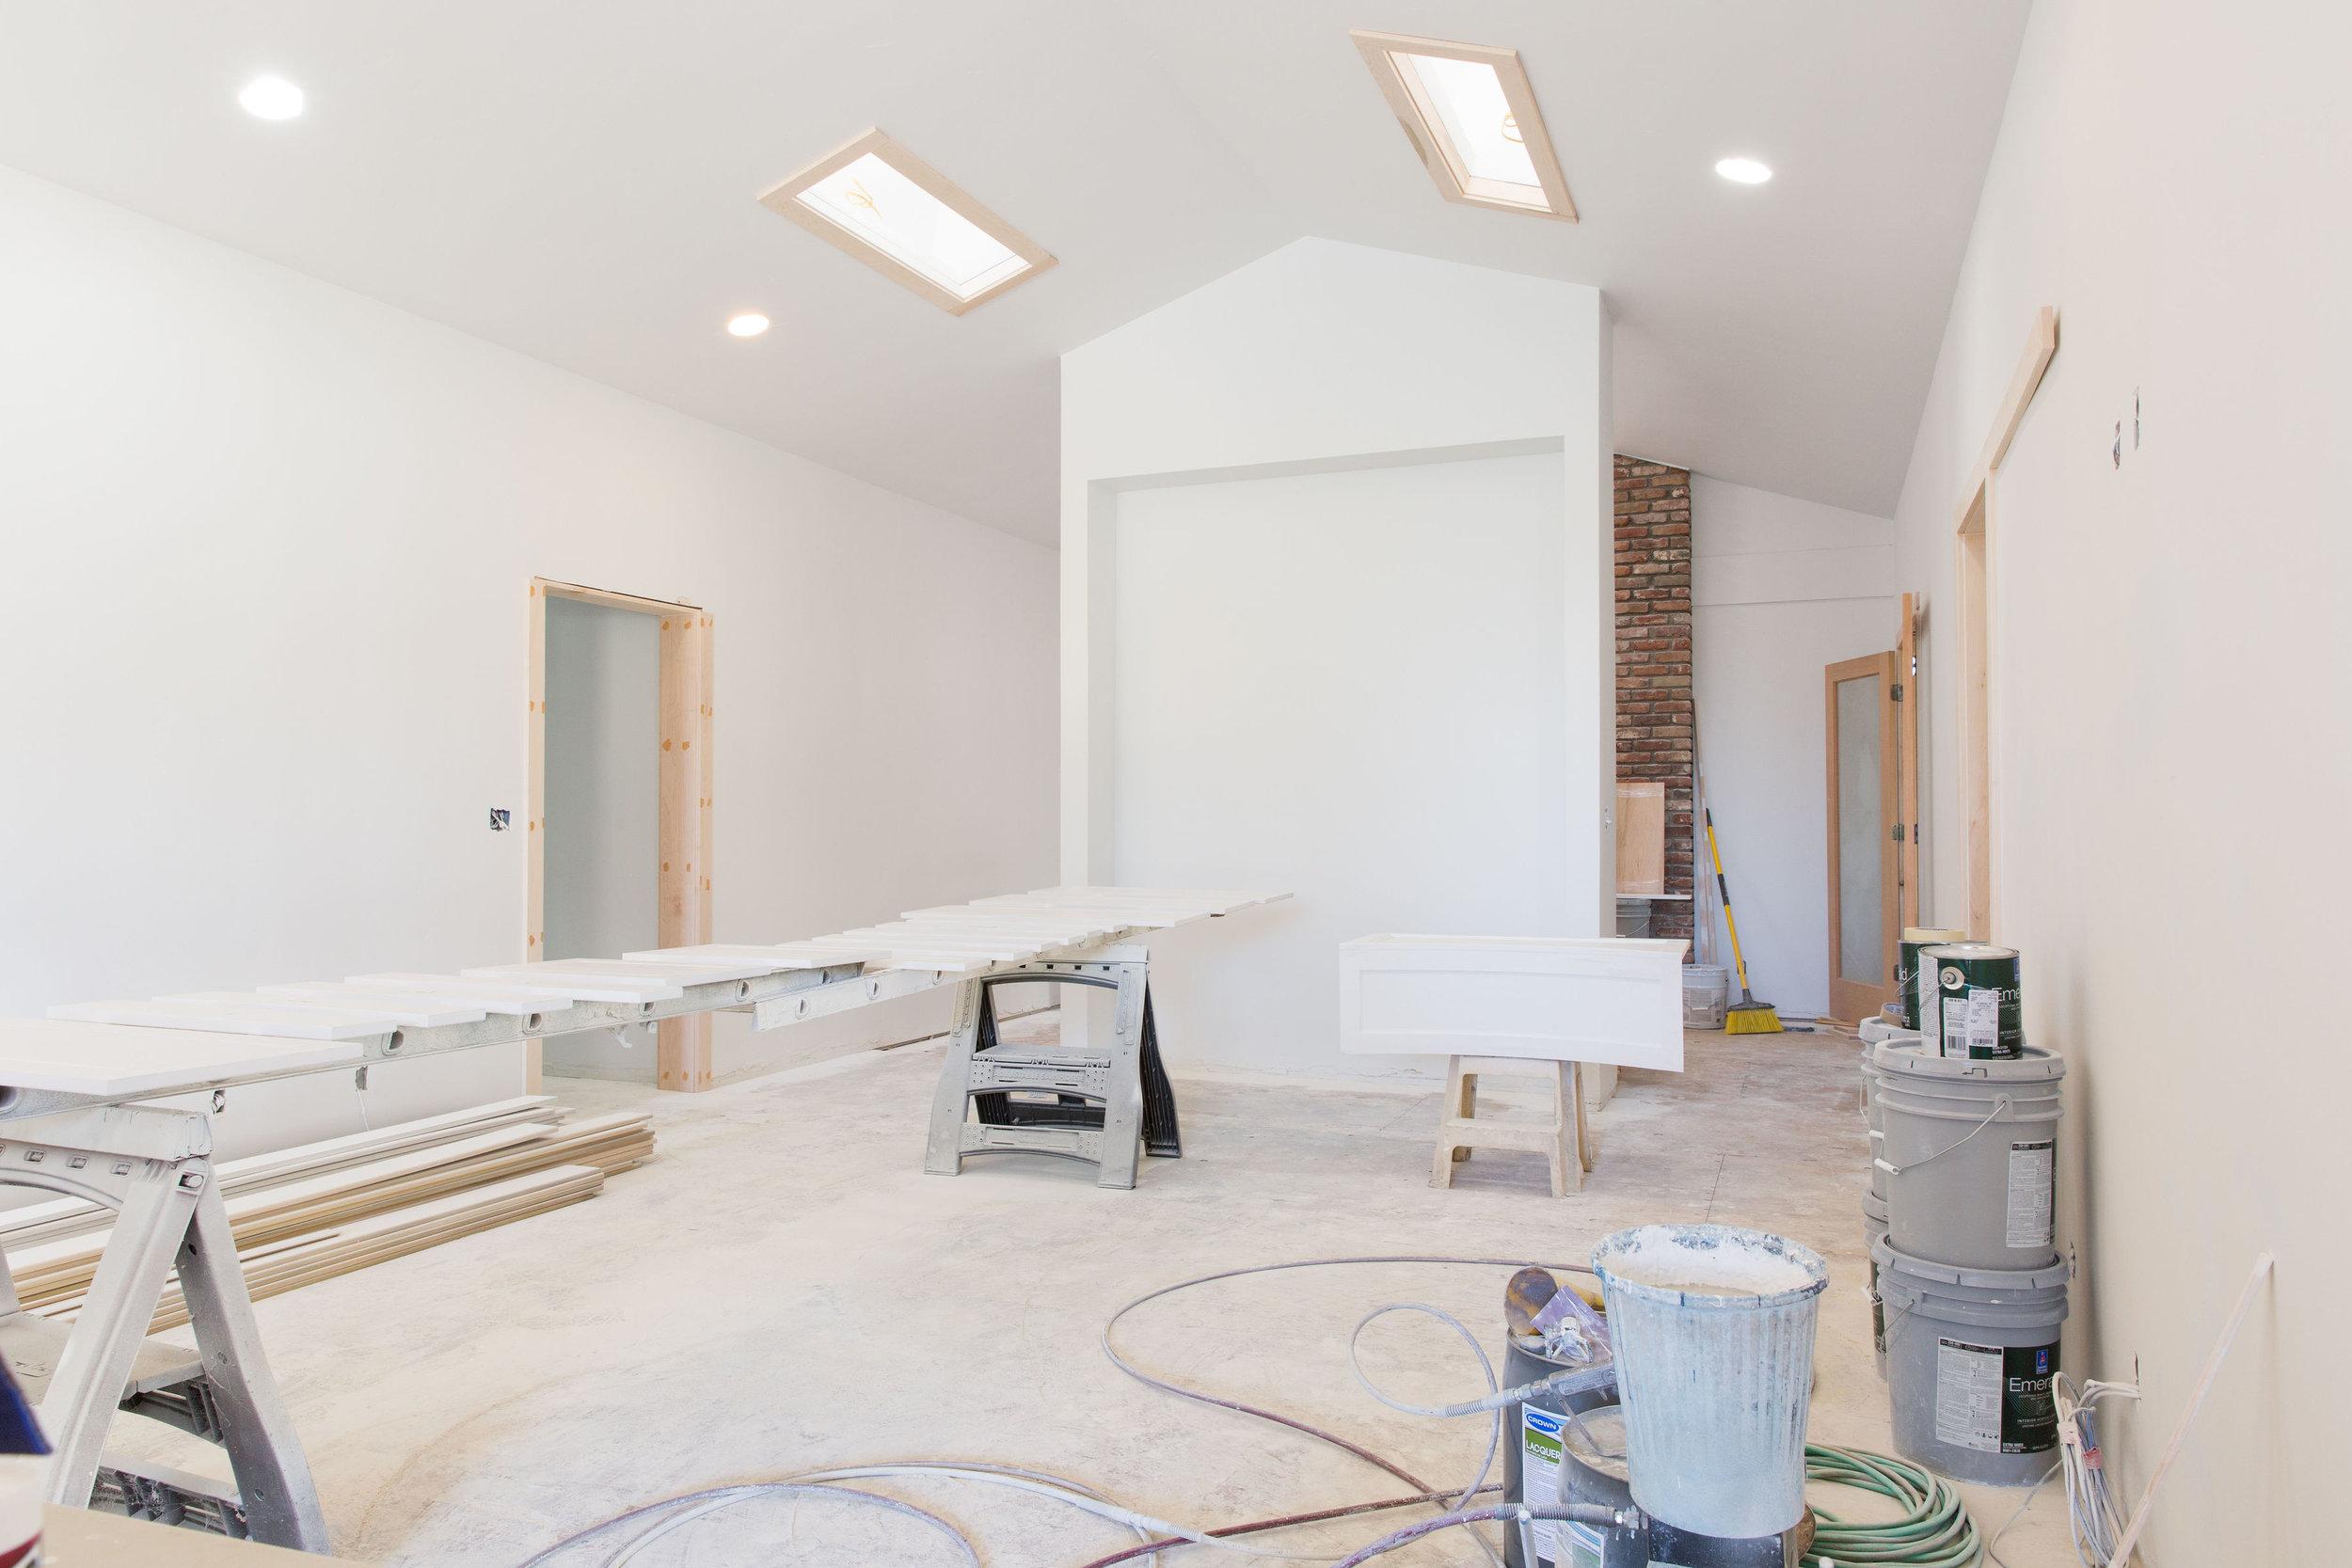 Tami Faulkner Design, House Plans, Remodel, Butte County, Interior Designer